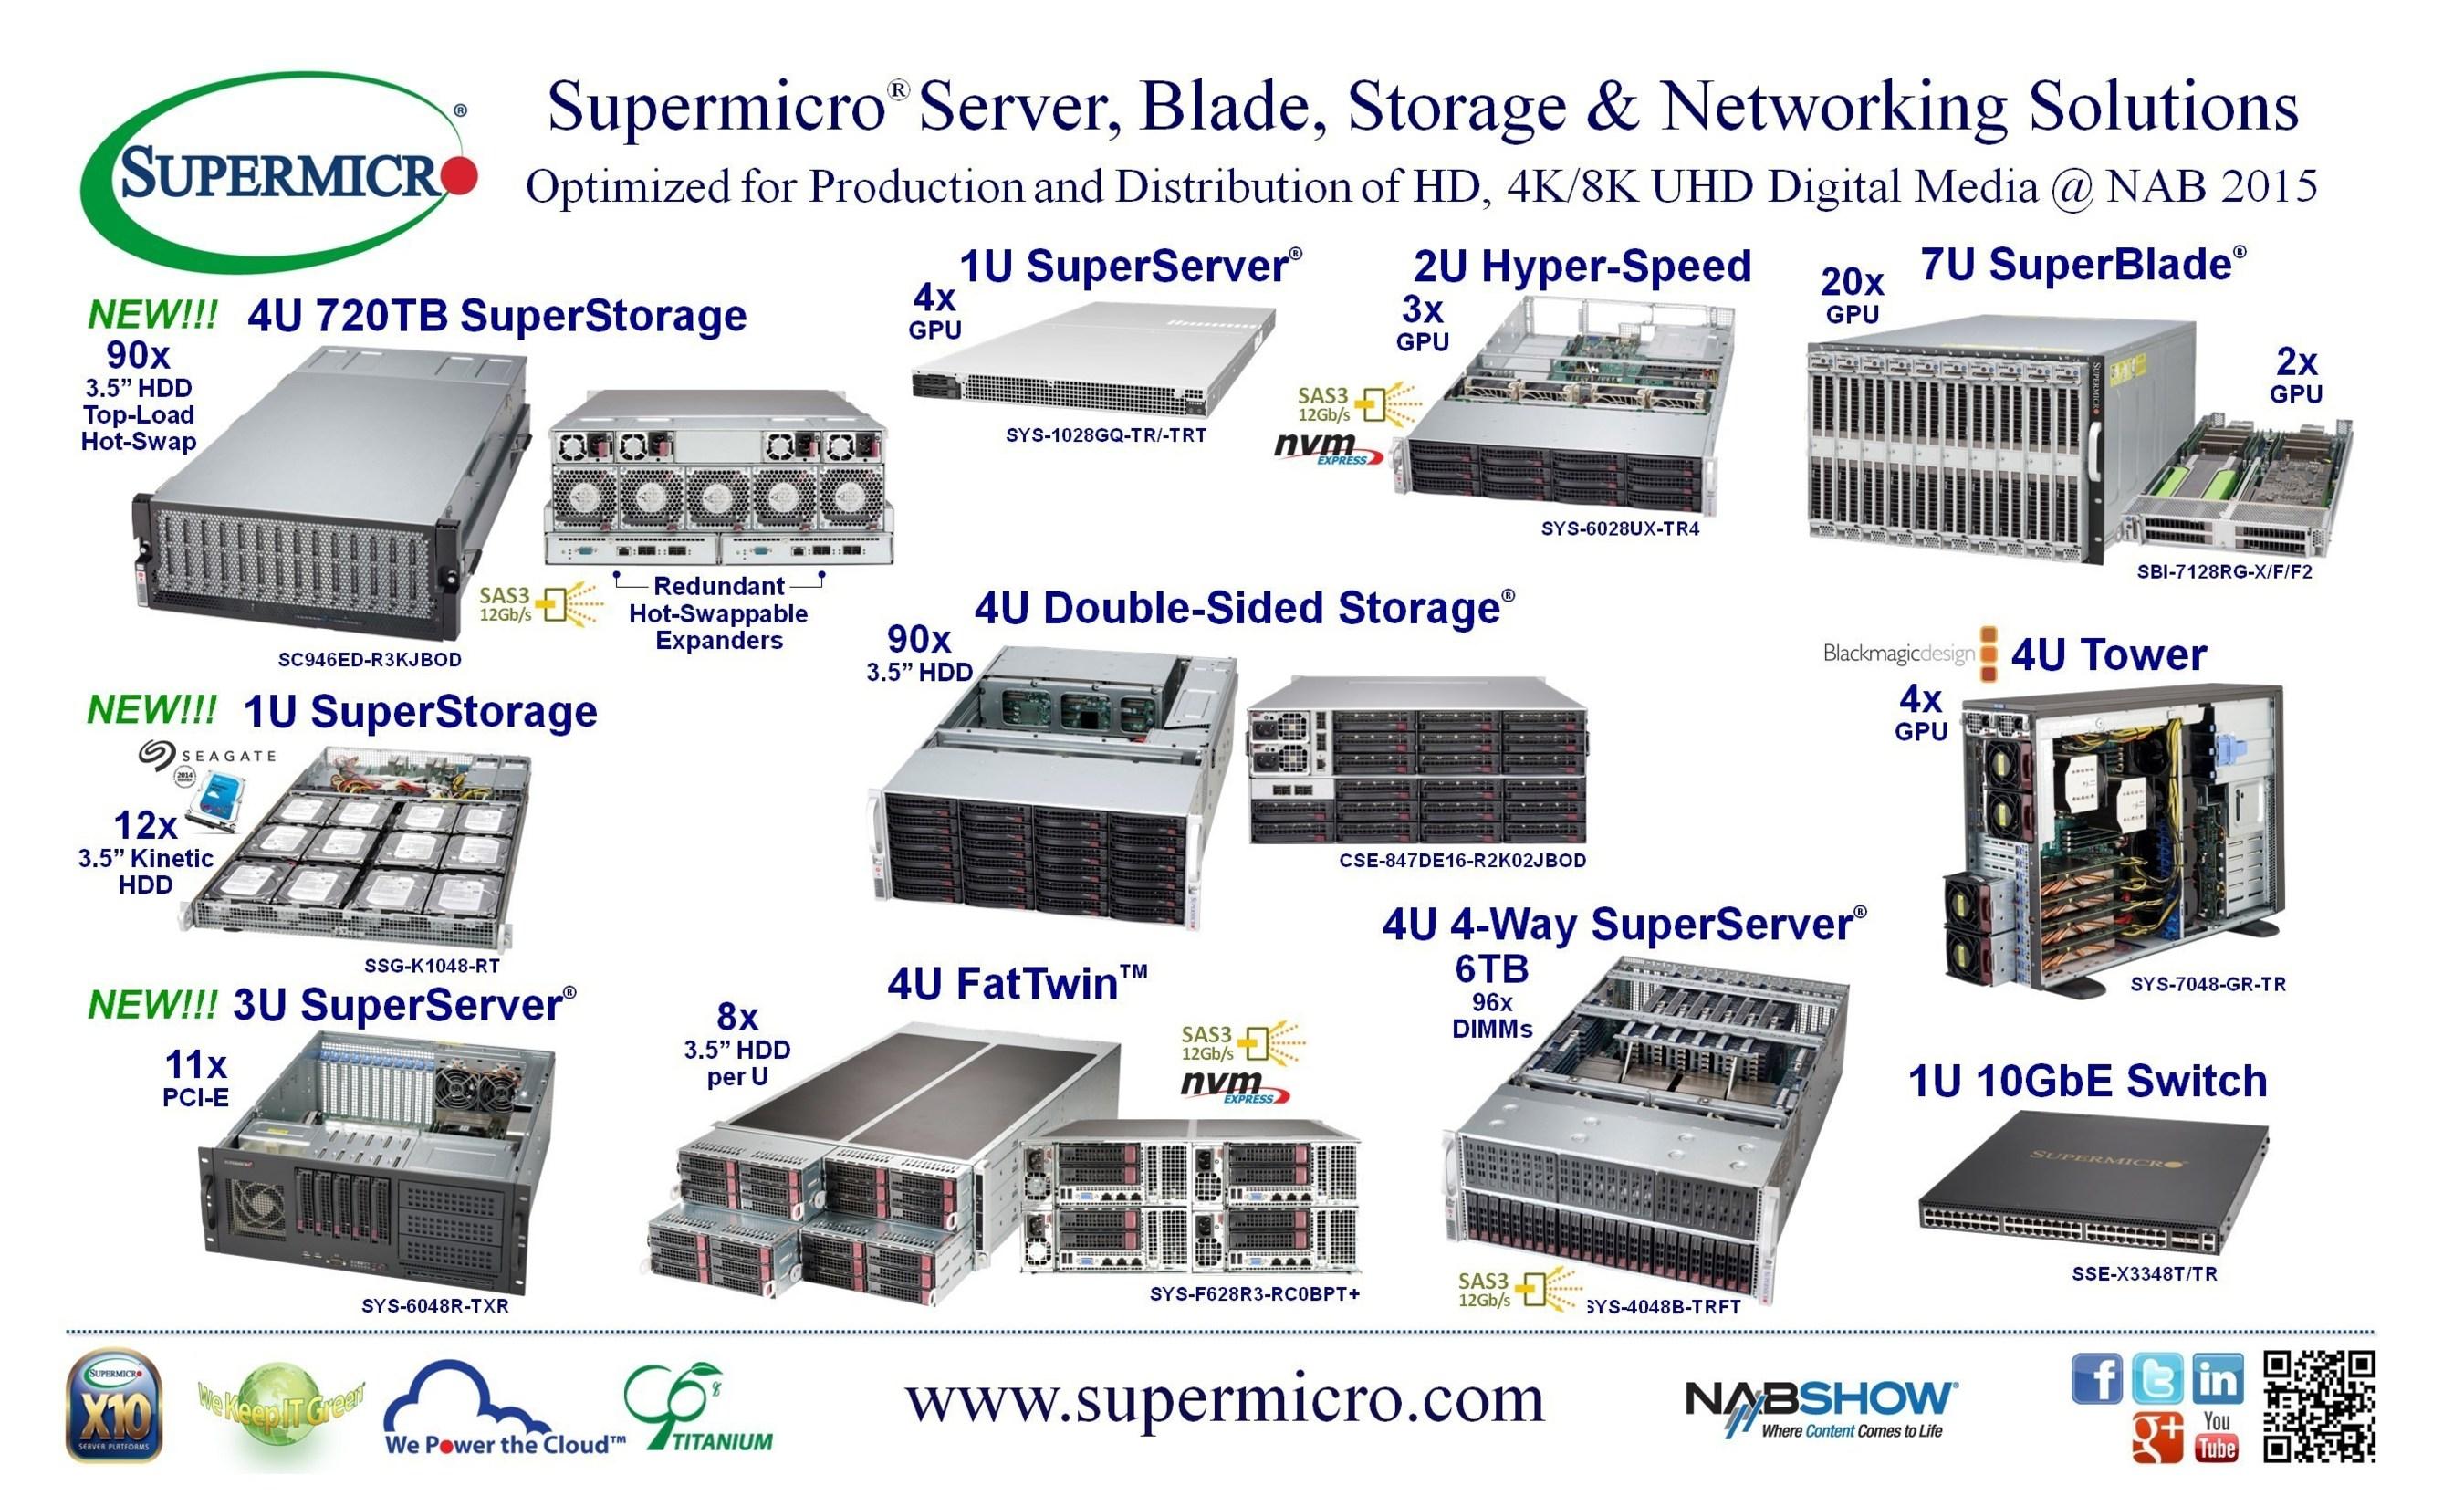 Supermicro® debutta con una nuova piattaforma JBOD SAS3 12Gb/s SuperStorage® da 720TB 4U da 90